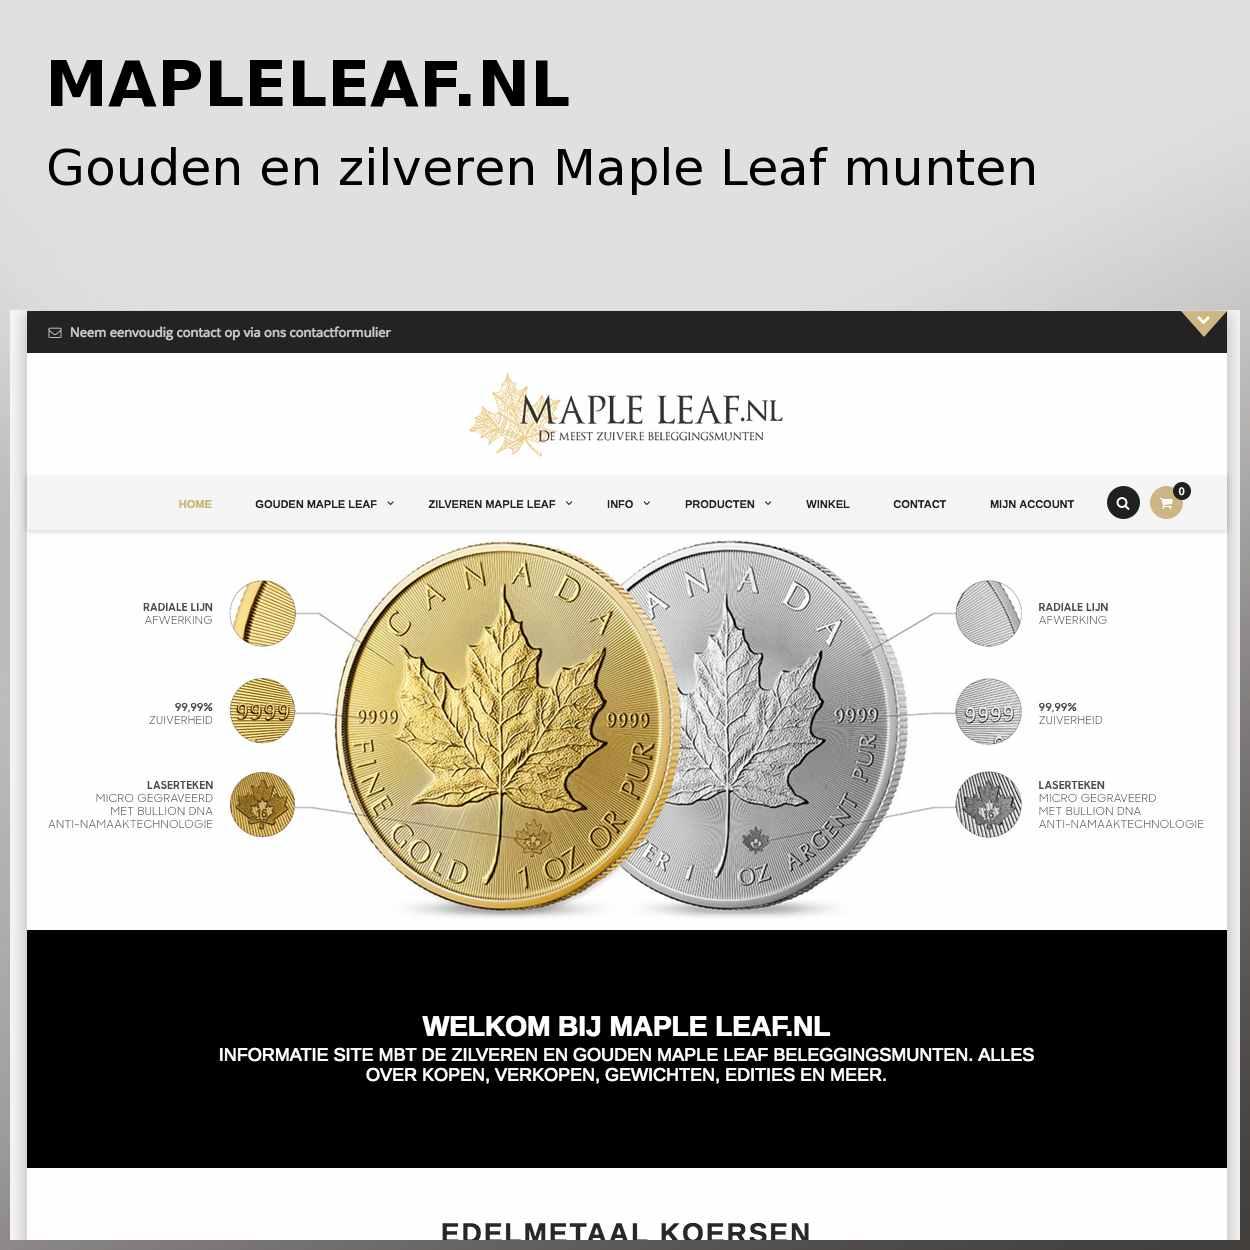 Gouden en zilveren Maple Leaf munten